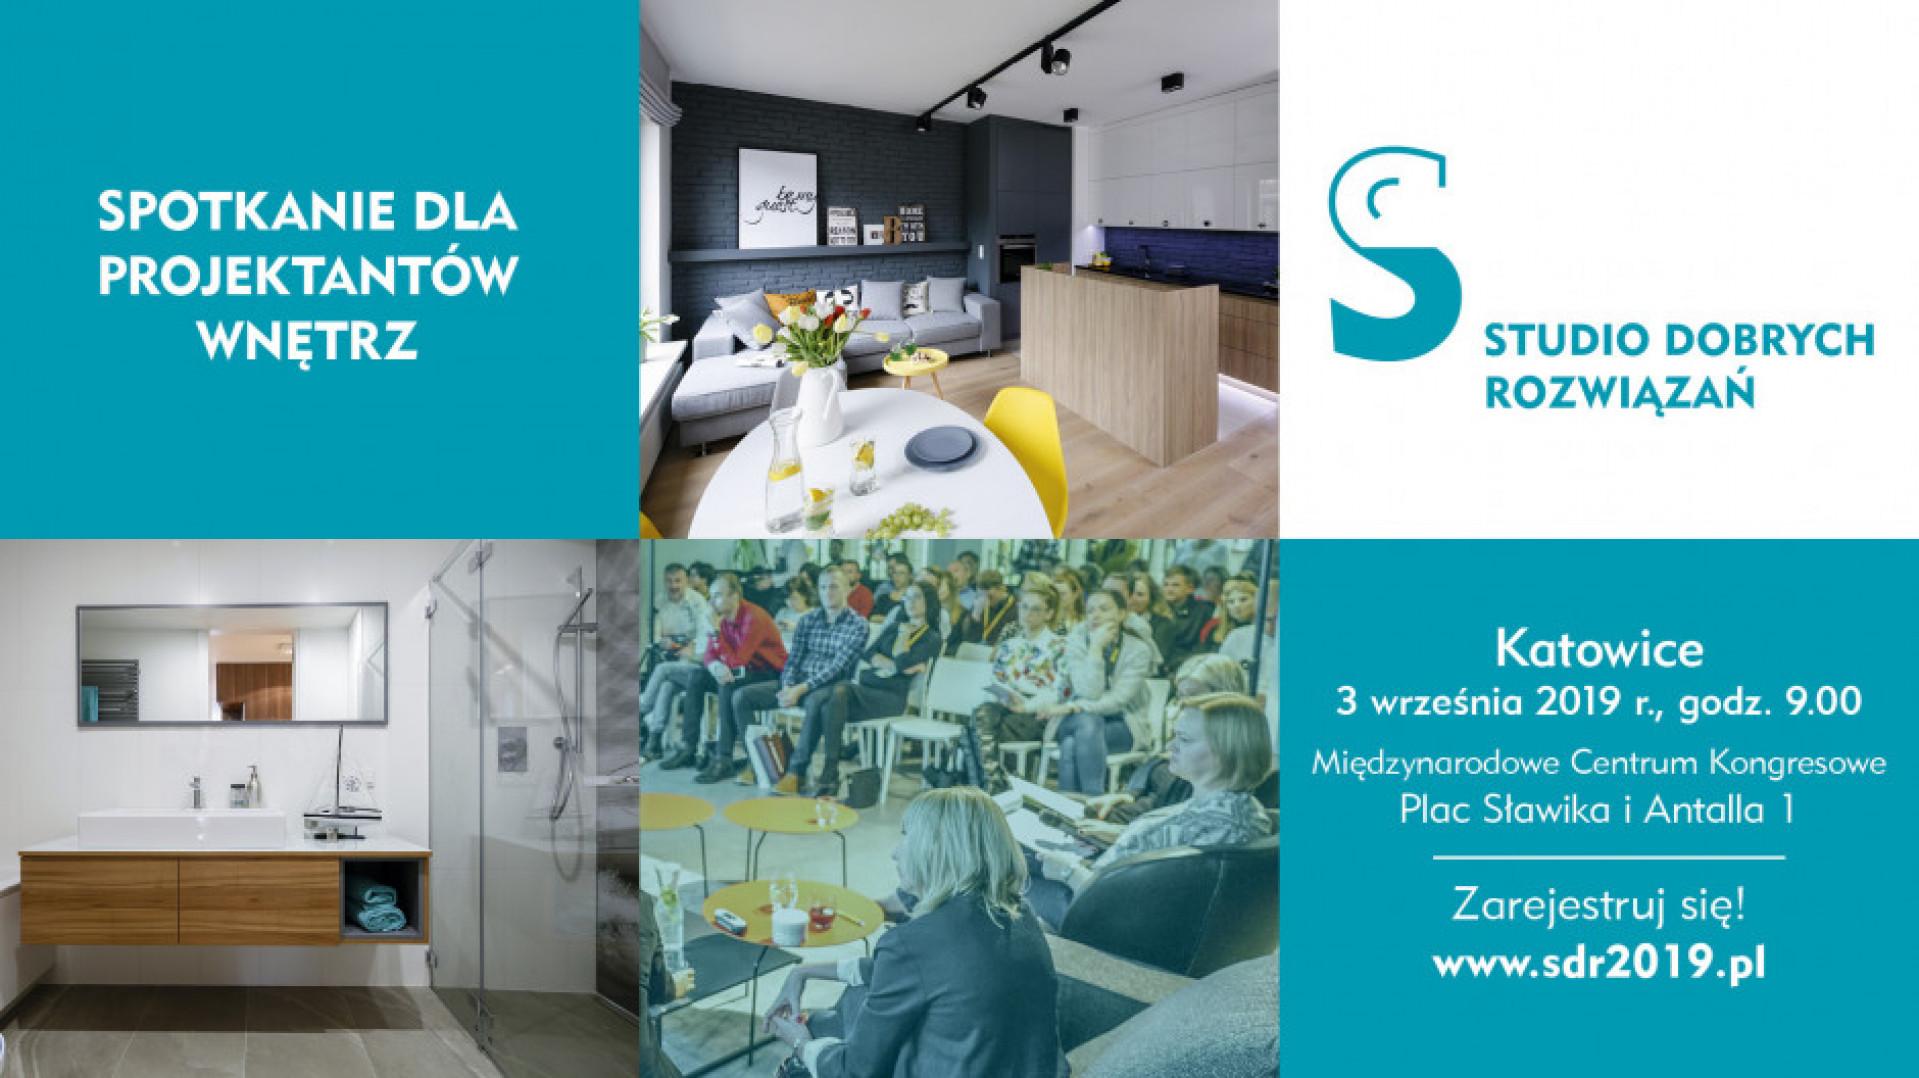 Studio Dobrych Rozwiązań w Katowicach - zapraszamy 3 września 2019.